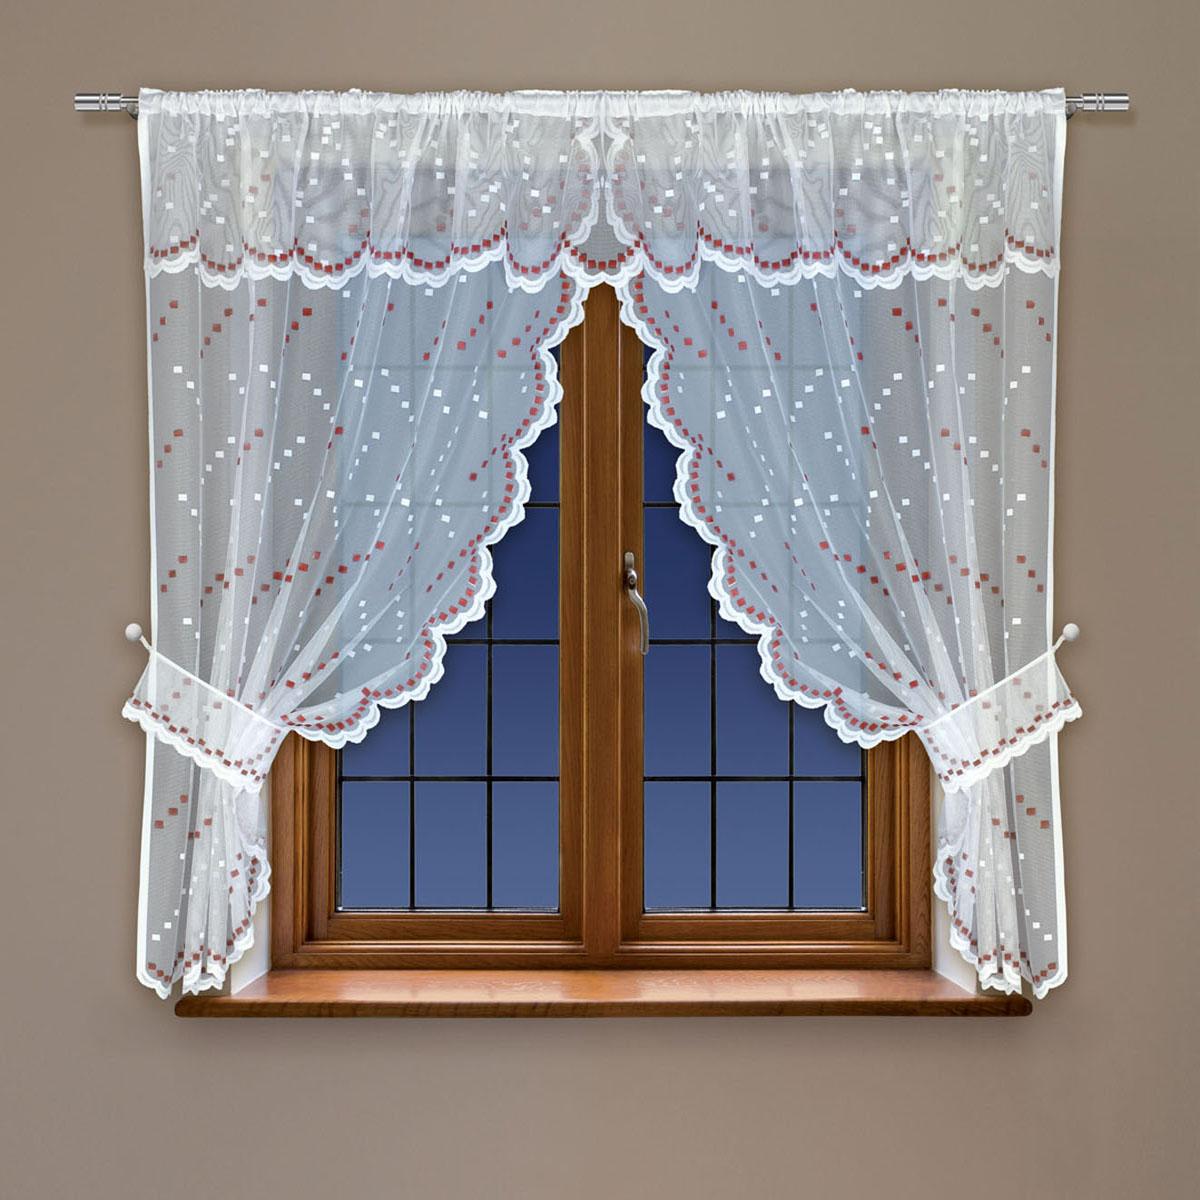 Гардина Haft, на кулиске, цвет: белый, красный, высота 122 см. 228410956251325Воздушная гардина Haft, выполненная из полиэстера, великолепно украсит любое окно.Изделие имеет оригинальный дизайн и органично впишется в интерьер помещения.Гардина крепится на карниз при помощи кулиски.